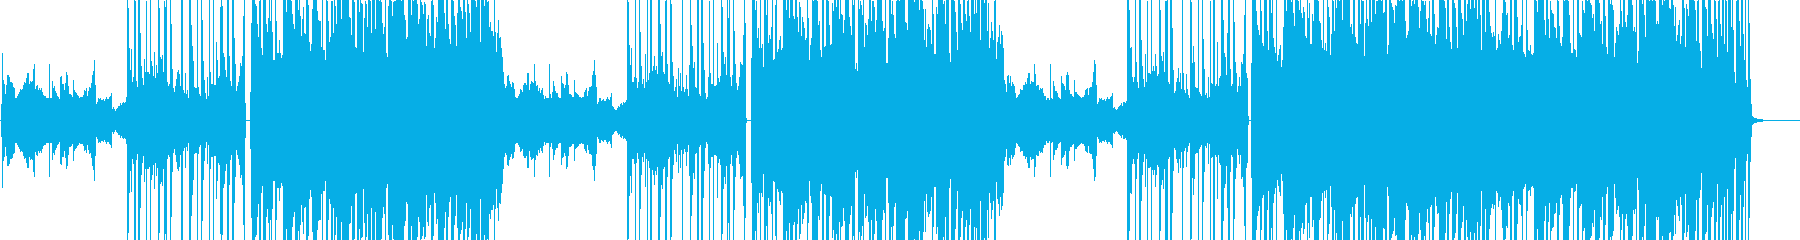 カフェなどに合うLO-FI HIPHOPの再生済みの波形